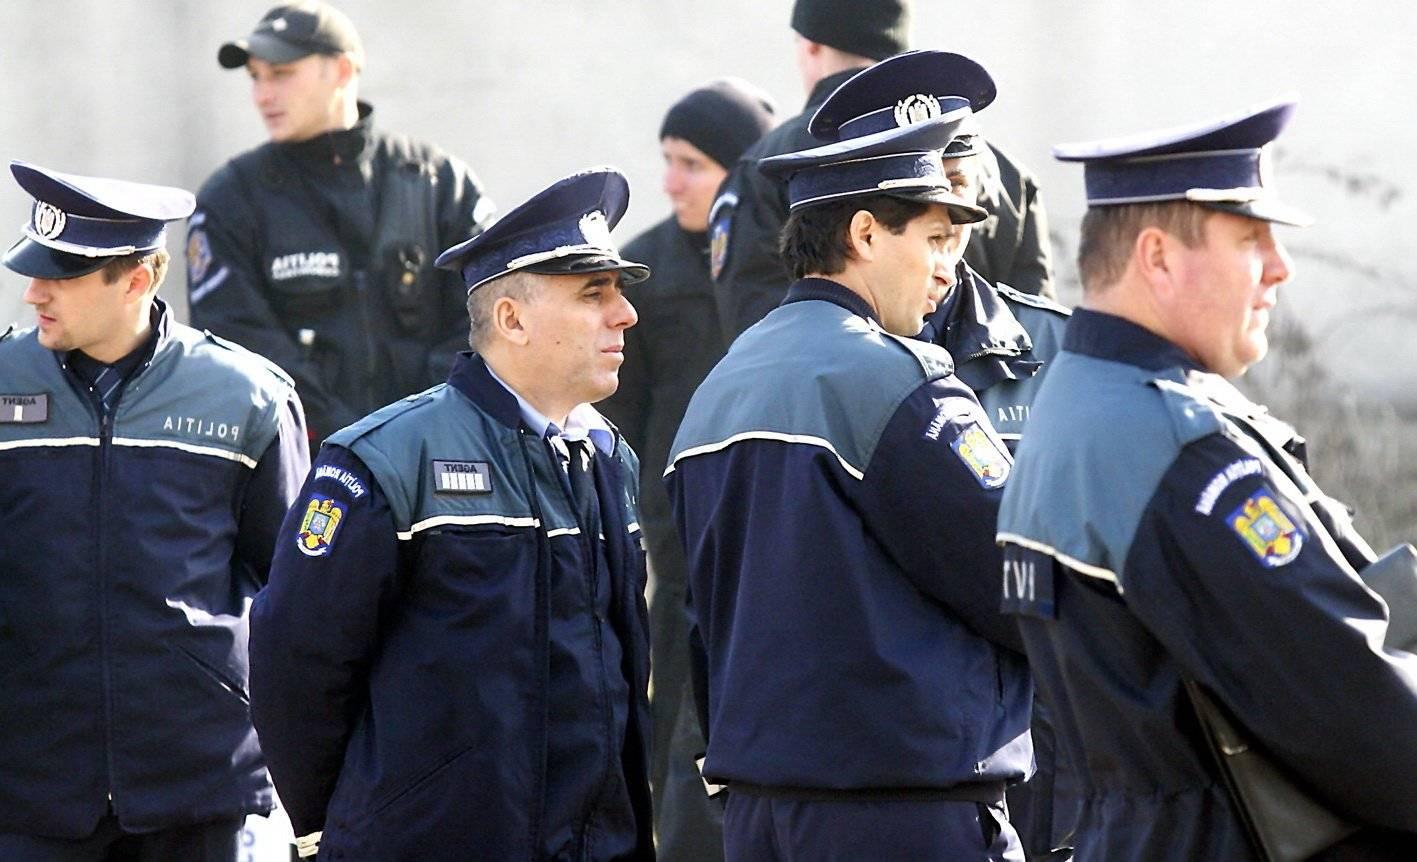 Schimbare MAJORA la 112, Anuntul MAI despre Politia Romana